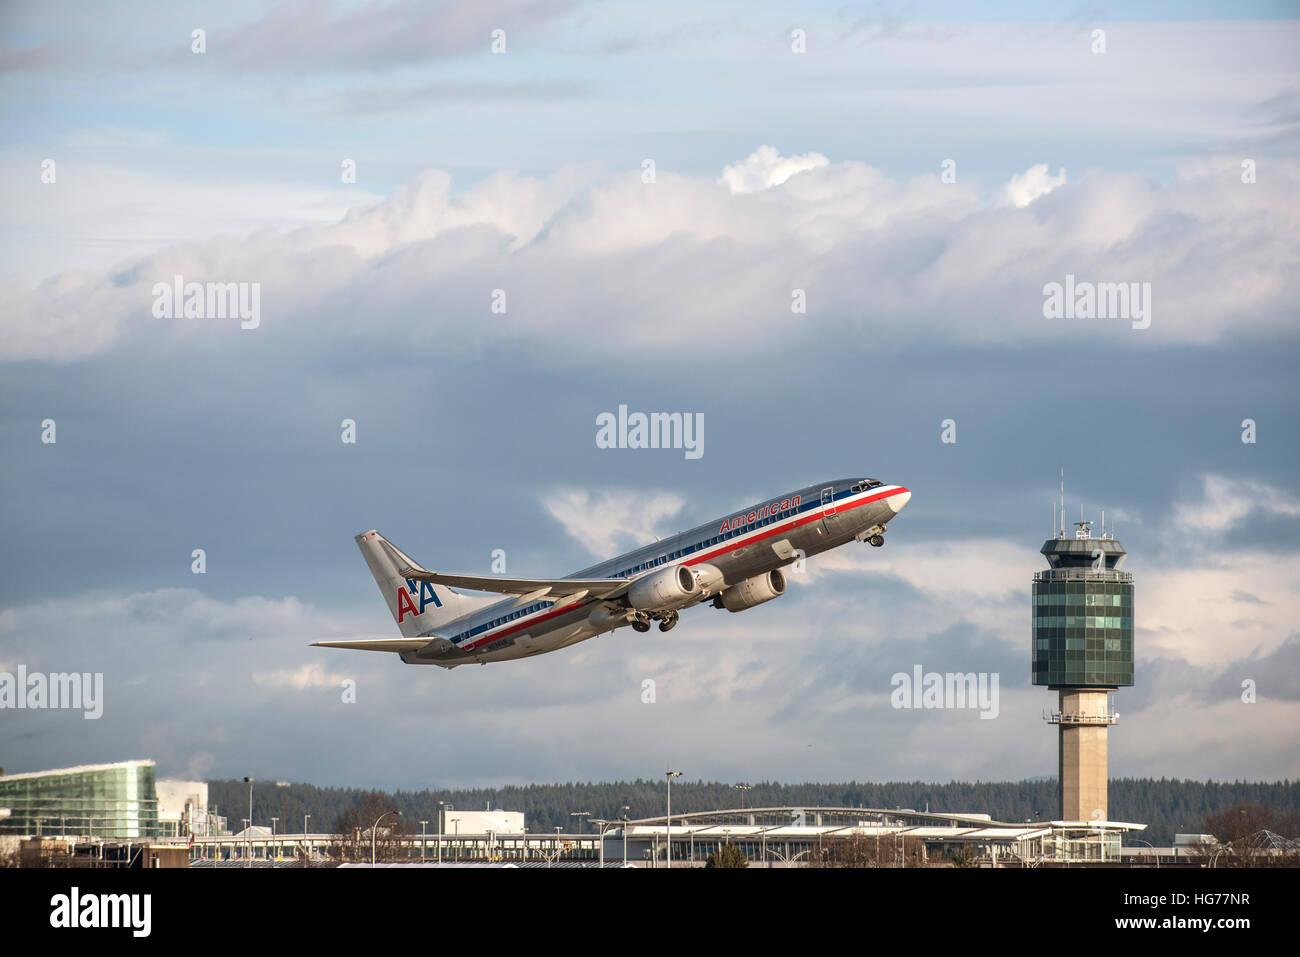 American Airlines Boeing 737-823 airborne después de despegar del aeropuerto internacional de Vancouver. Imagen De Stock